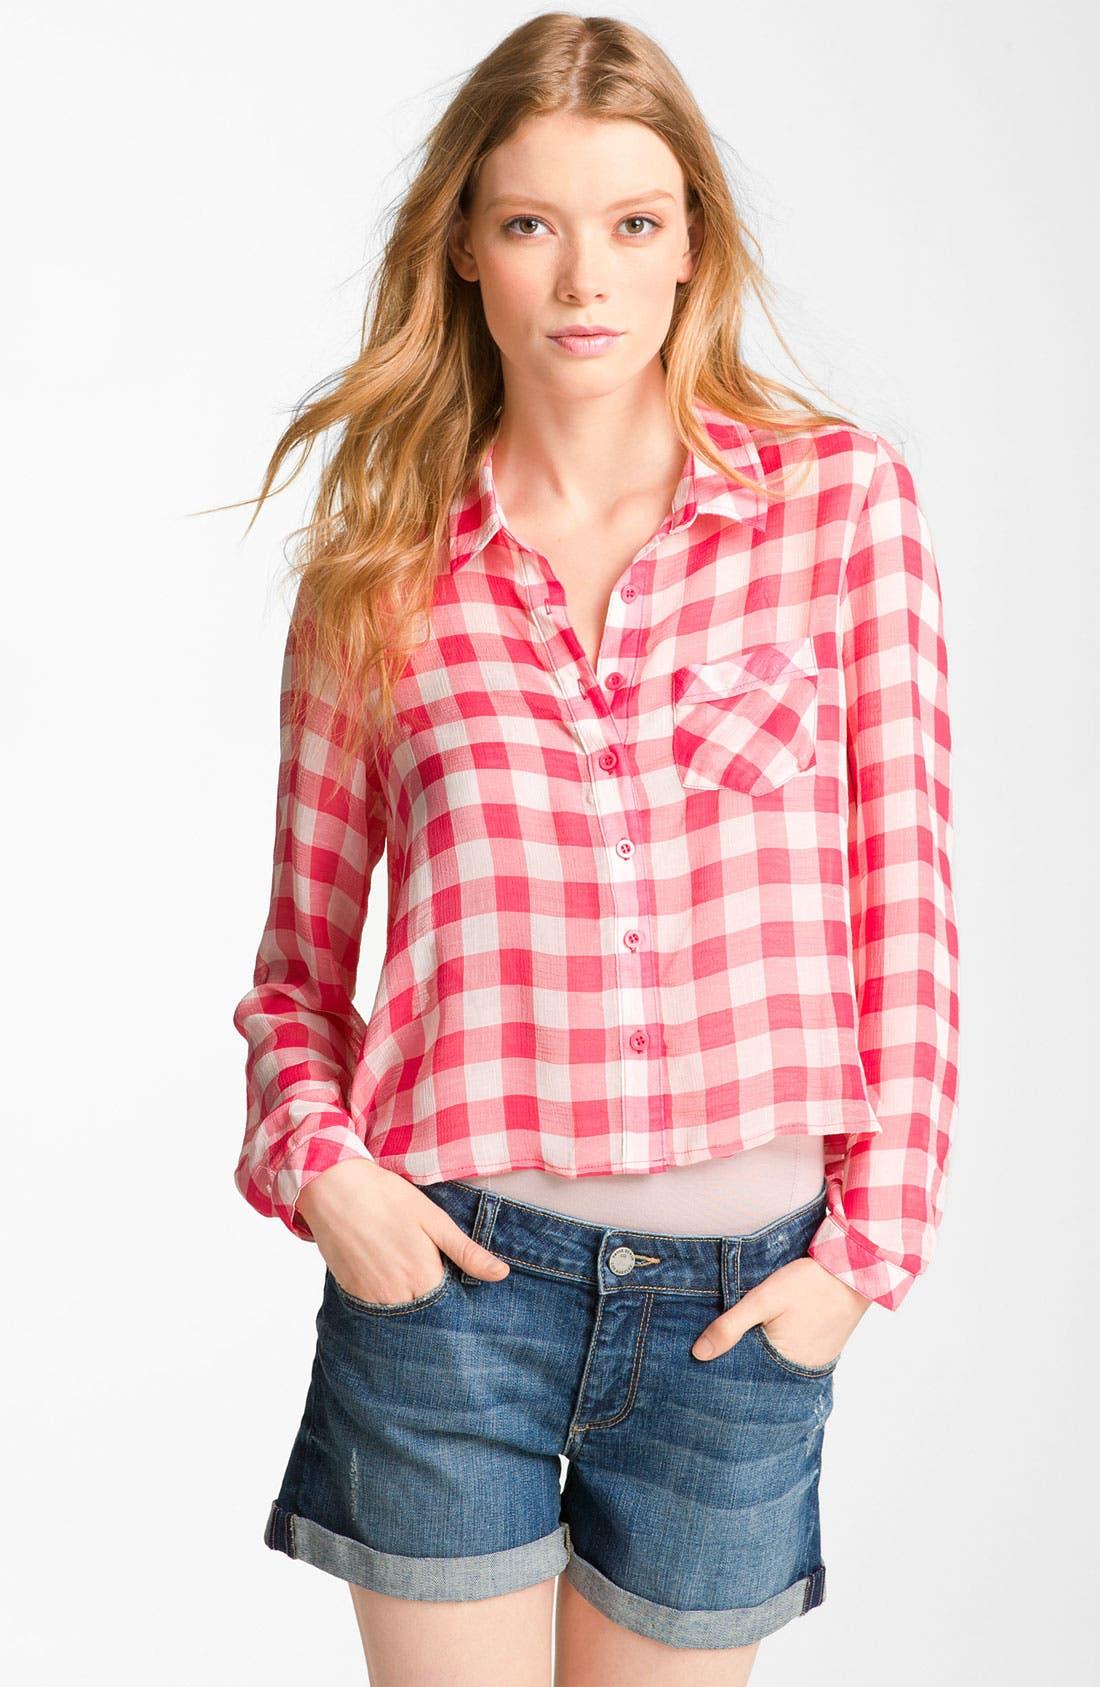 Amazoncom gingham shirt women Clothing Shoes amp Jewelry